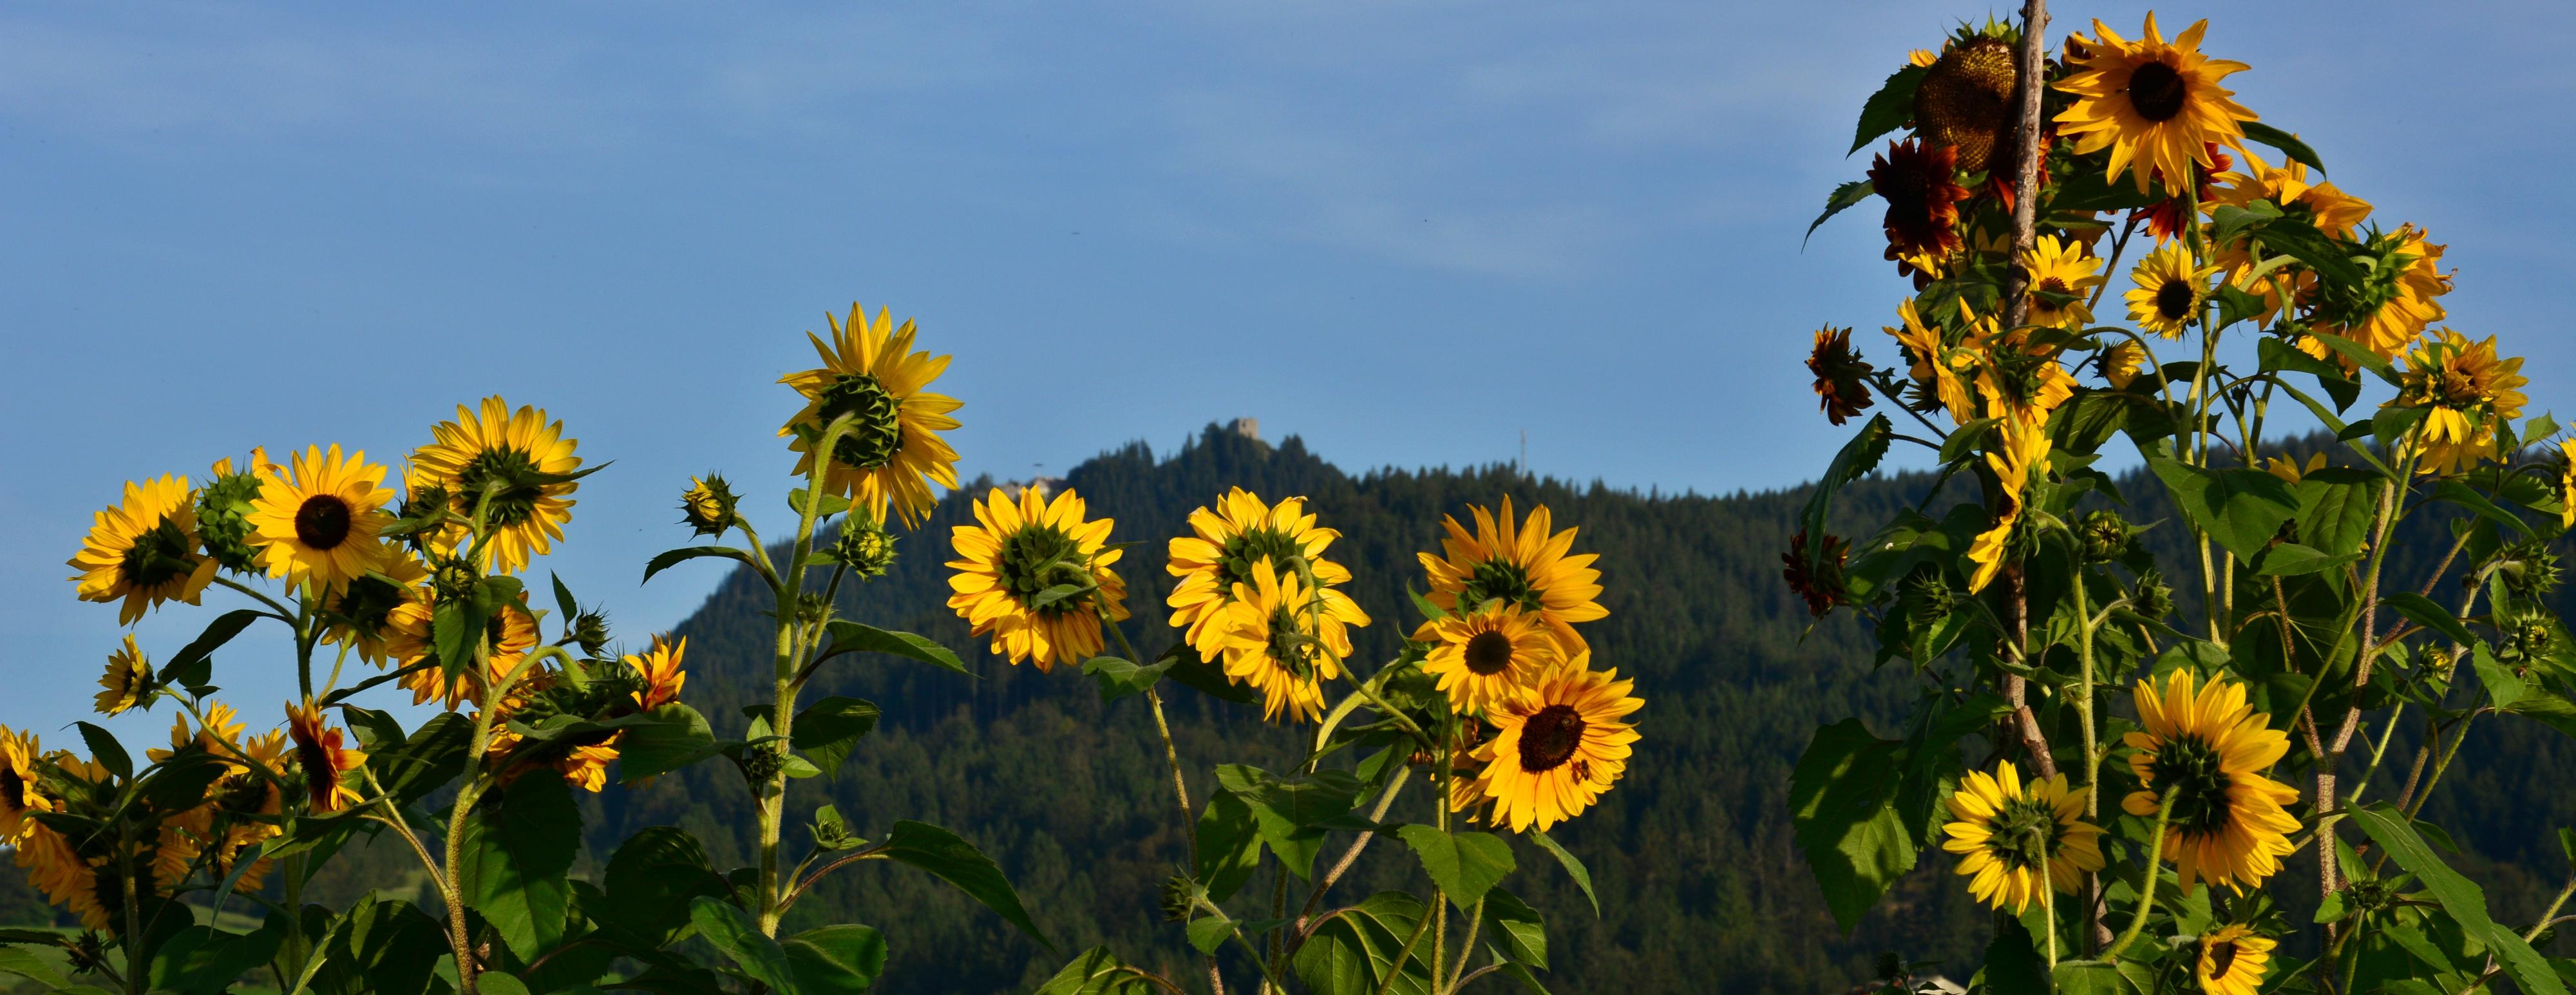 H0161 Sonnenblumenpracht unterm Falkenstein-Pfronten.jpg